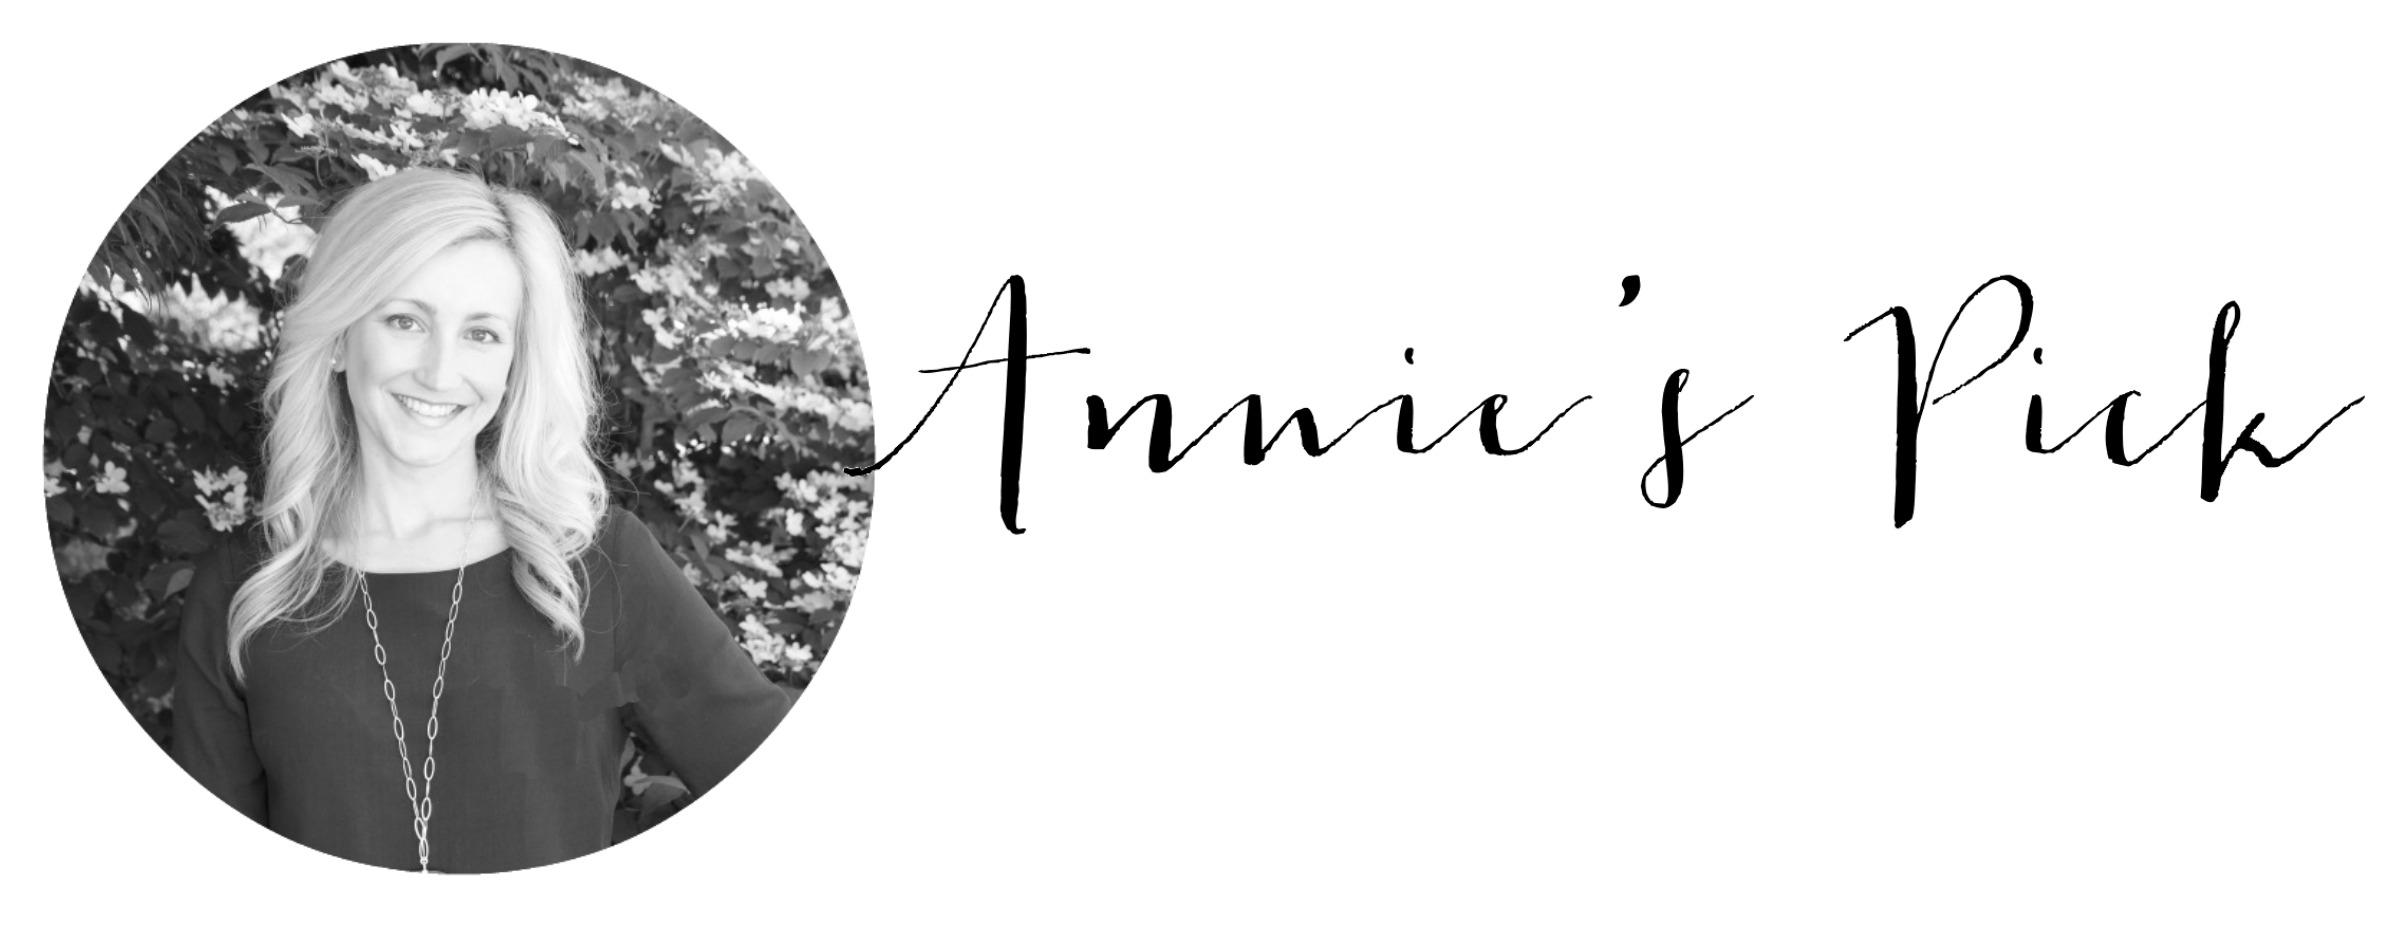 Annie'spick